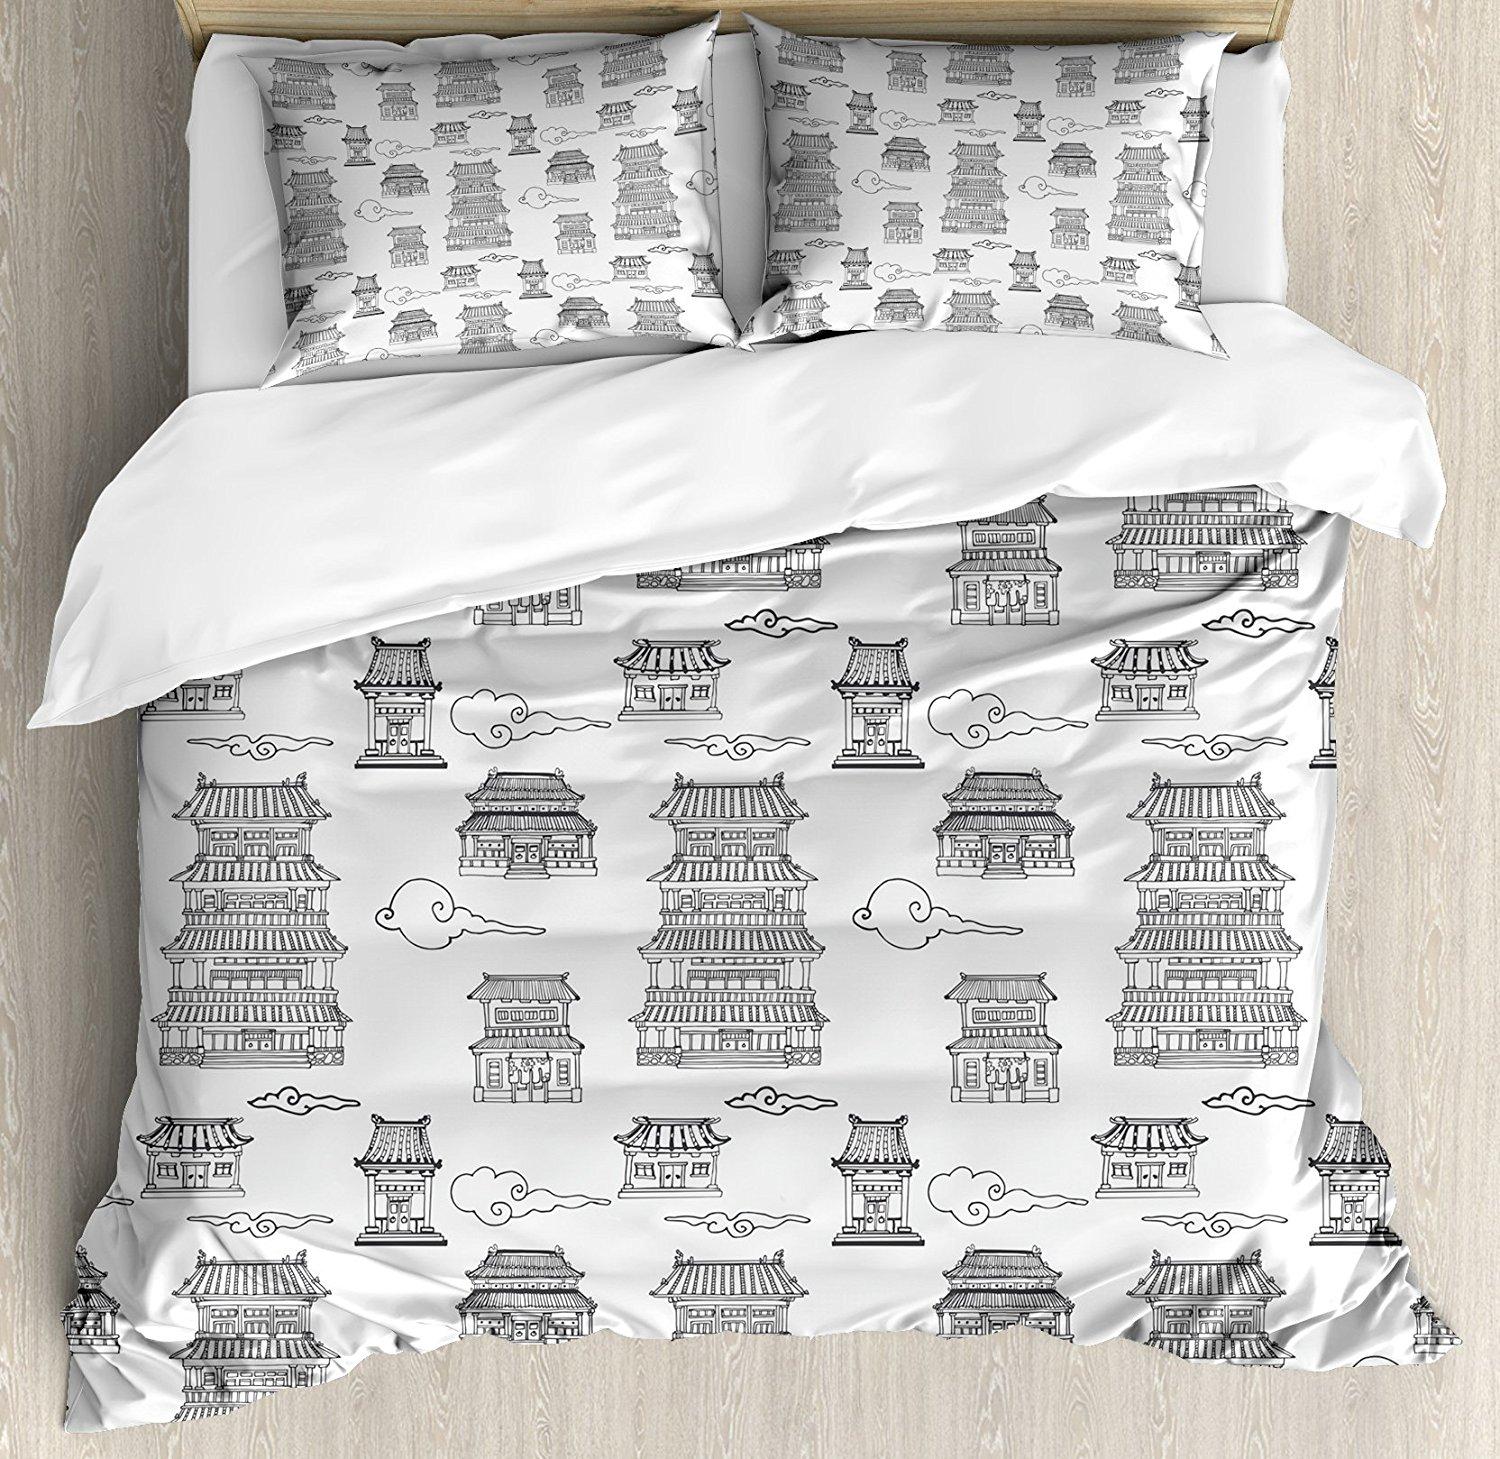 Conjunto de fundas de edredón chinas antiguas imágenes dibujadas a mano de casas de estilo arquitectónico asiático y nubes juego de cama de 4 piezas